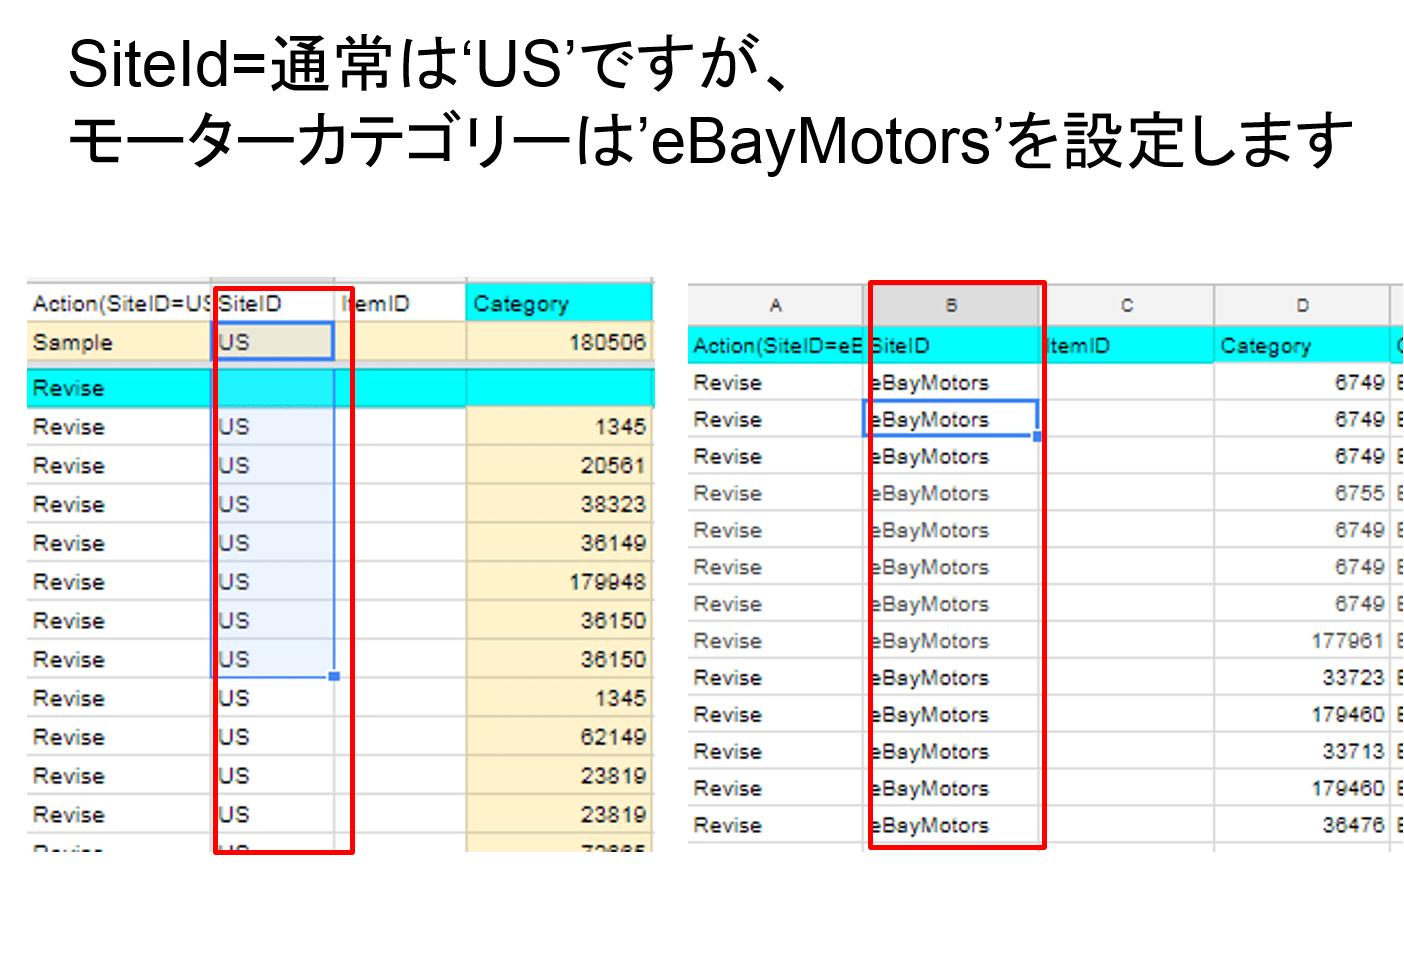 eBay サイトID